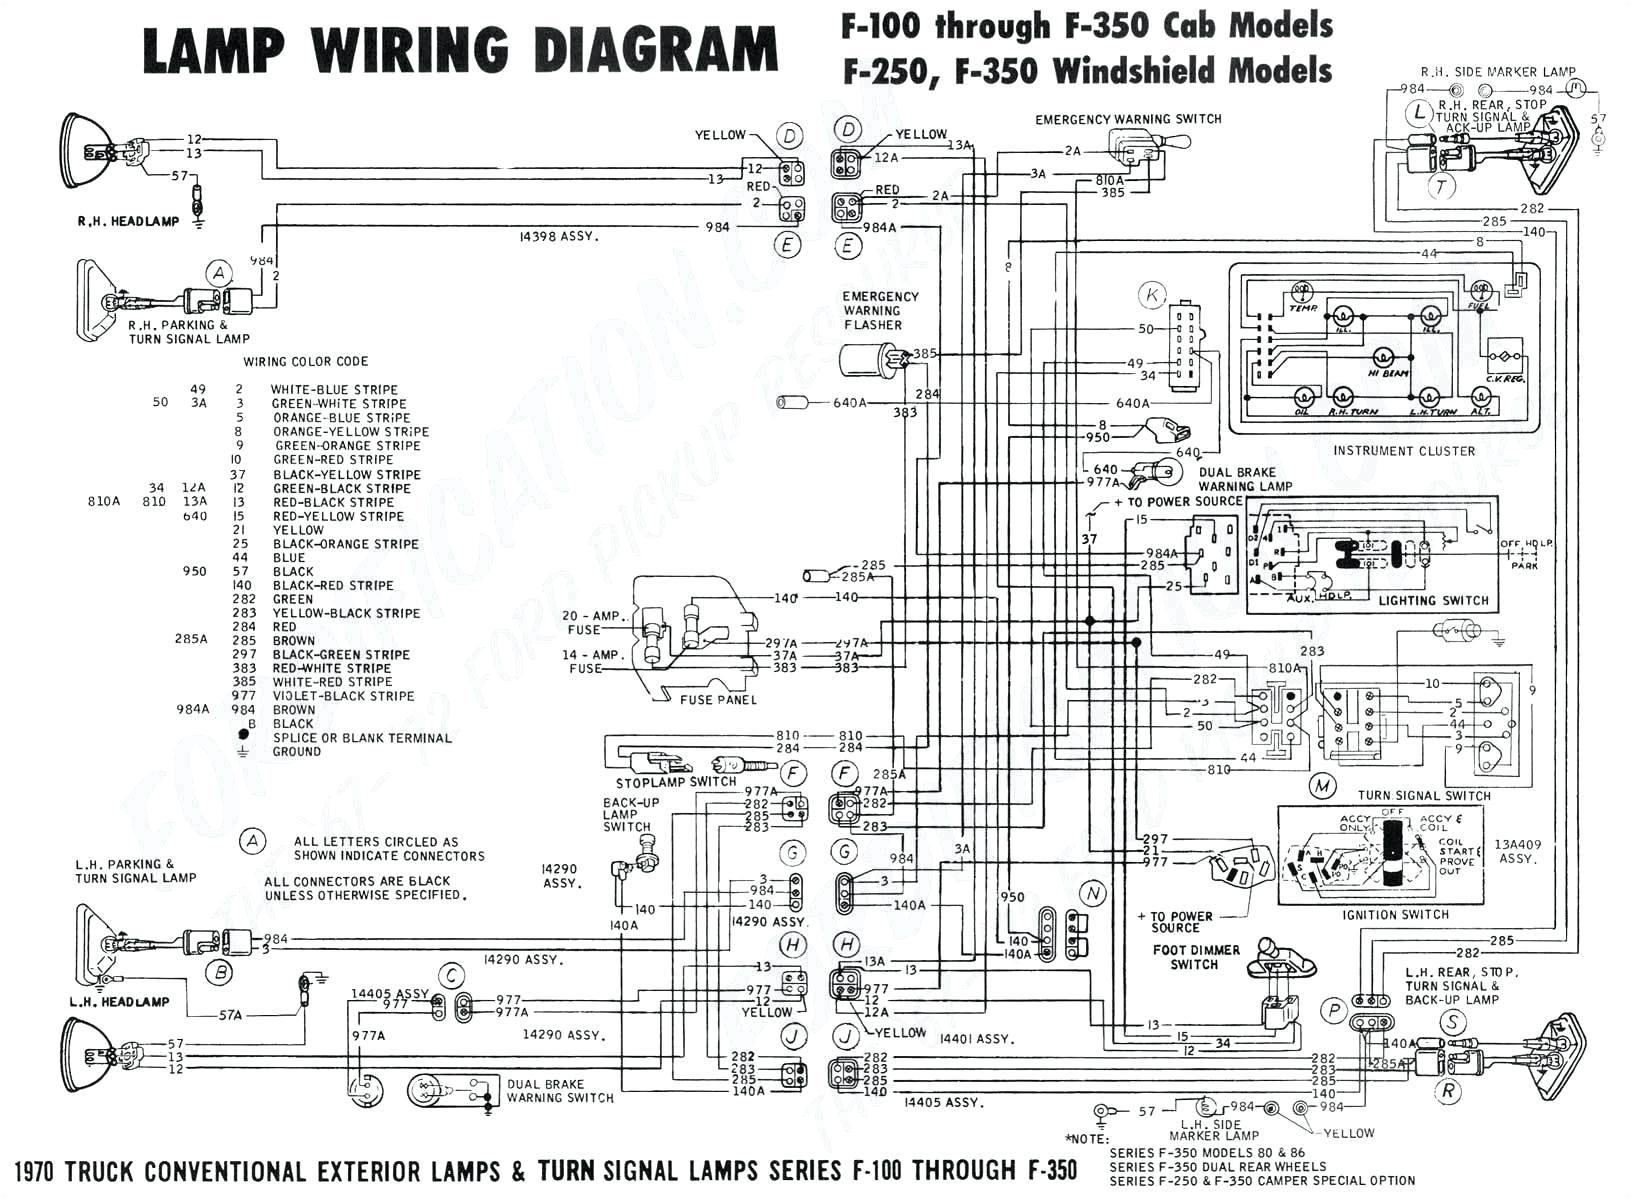 99 Civic Wiring Diagram Lighting Electrical Wiring Honda Civic Wagon Wiring Diagram Val